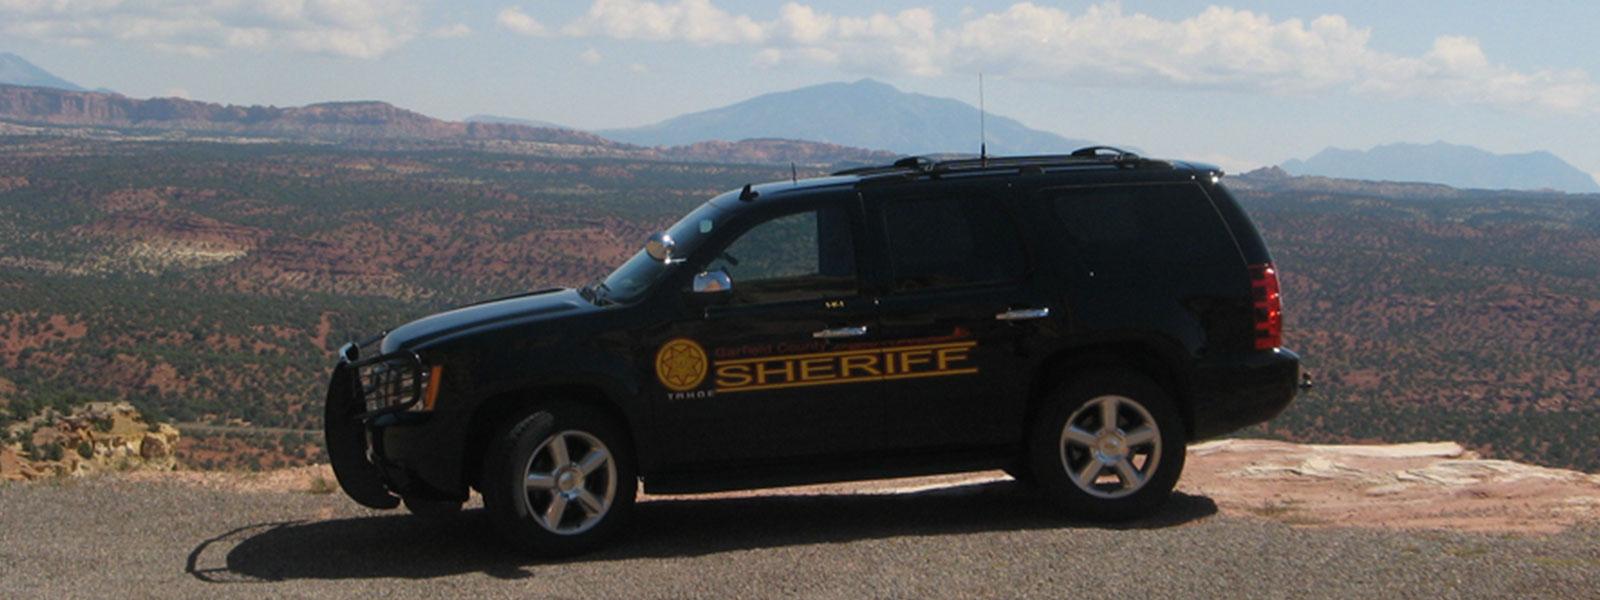 garfield-county-sheriff-s2